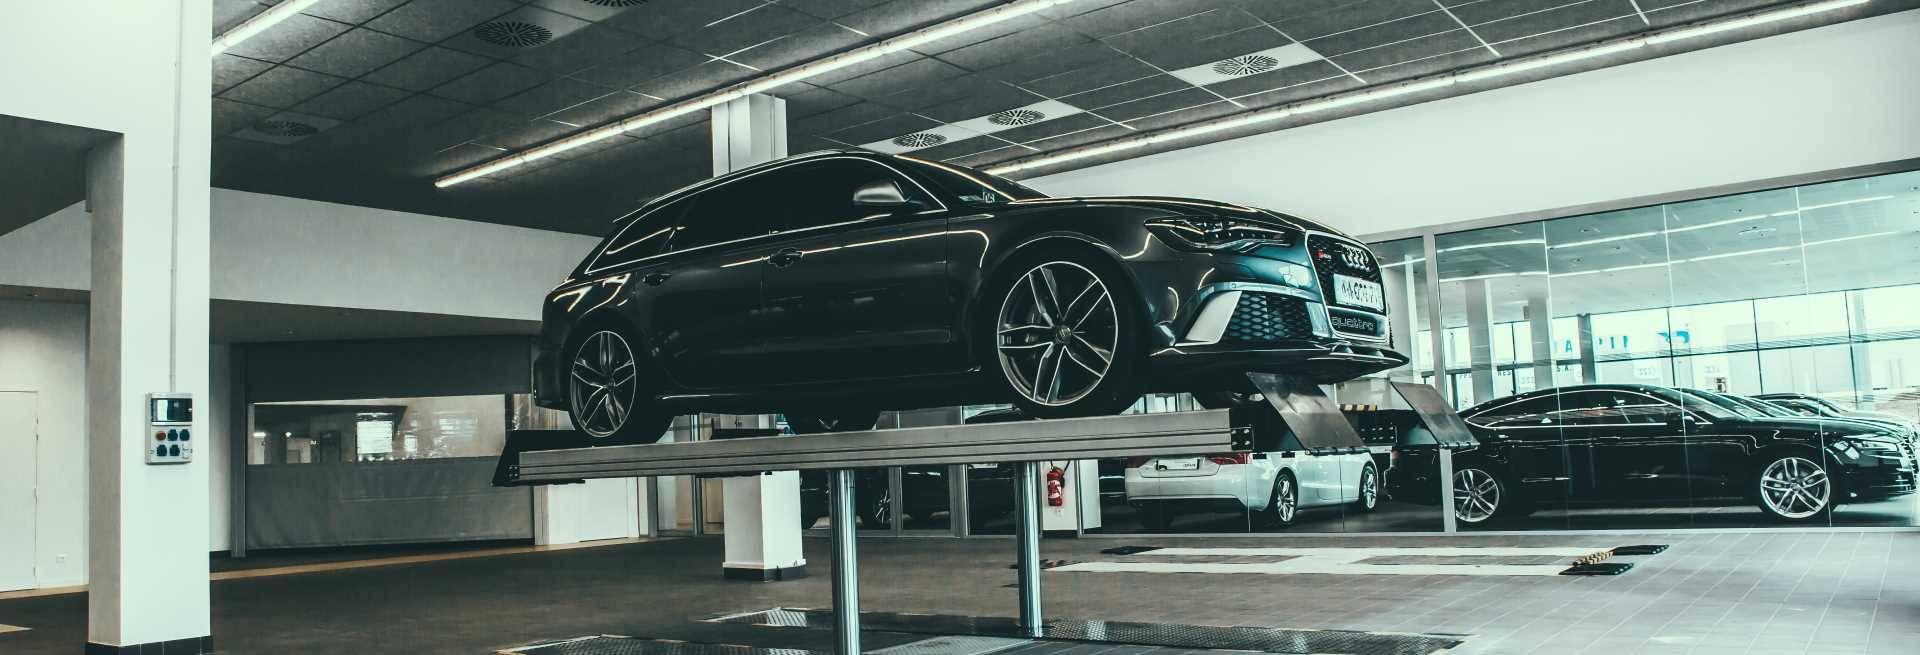 Atelier mecanique Audi Service Paris RDV rapide Devis reparation